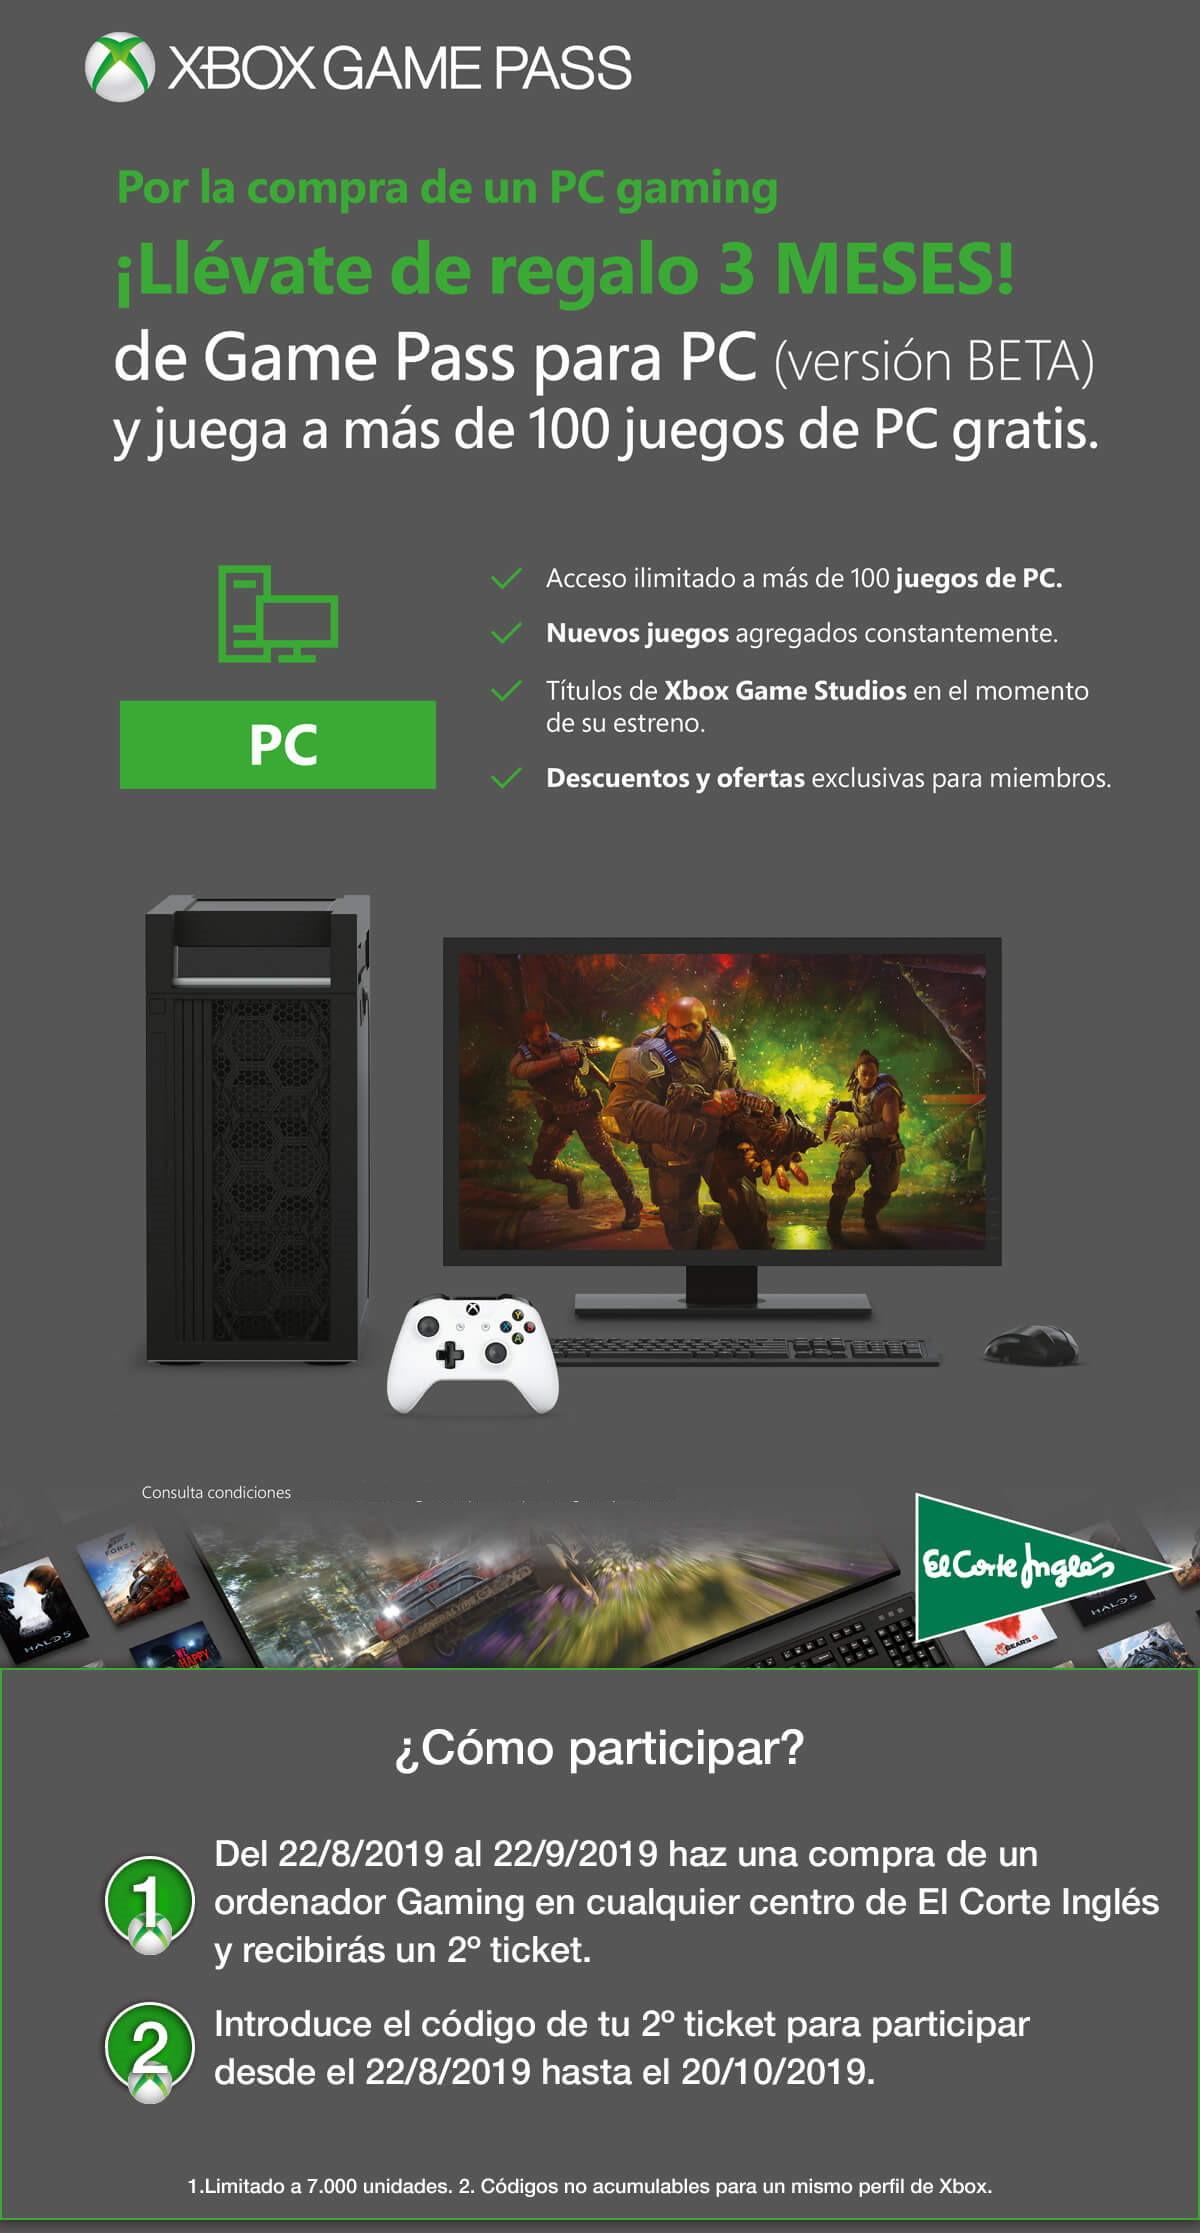 Compra un PC Gaming en El Corte Inglés y consigue 3 meses gratis de Xbox Game Pass